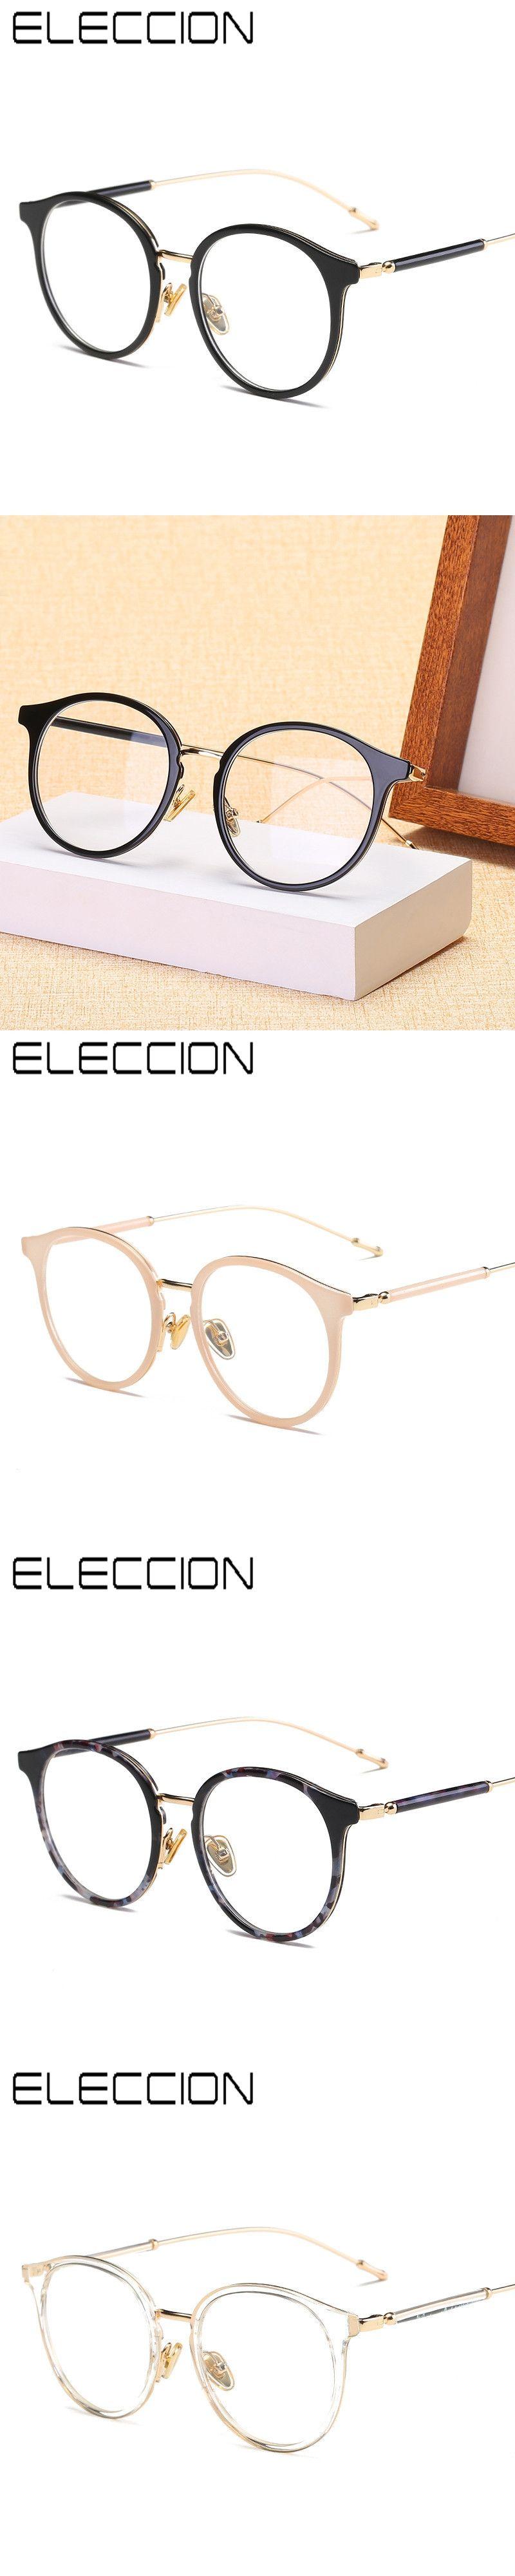 7d964210b3 ELECCION New Vintage Optical Frame Ultem and Metal Frame Round Frame  Glasses Women and Men Prescription Spectacle frames